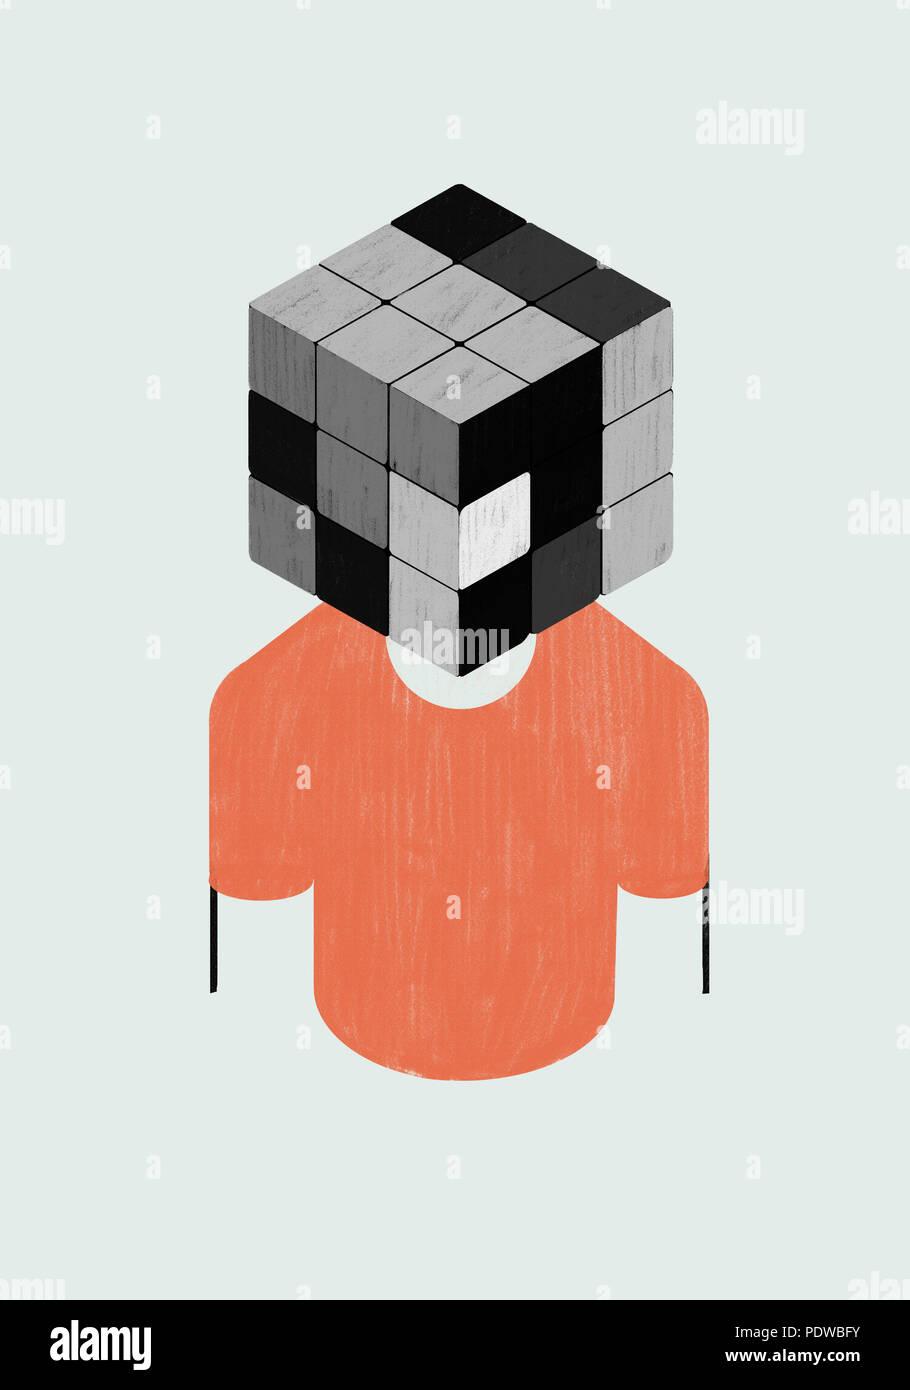 Psicología. Concepto metáfora de escala de grises. La mente como un cubo Rubik. Imagen De Stock